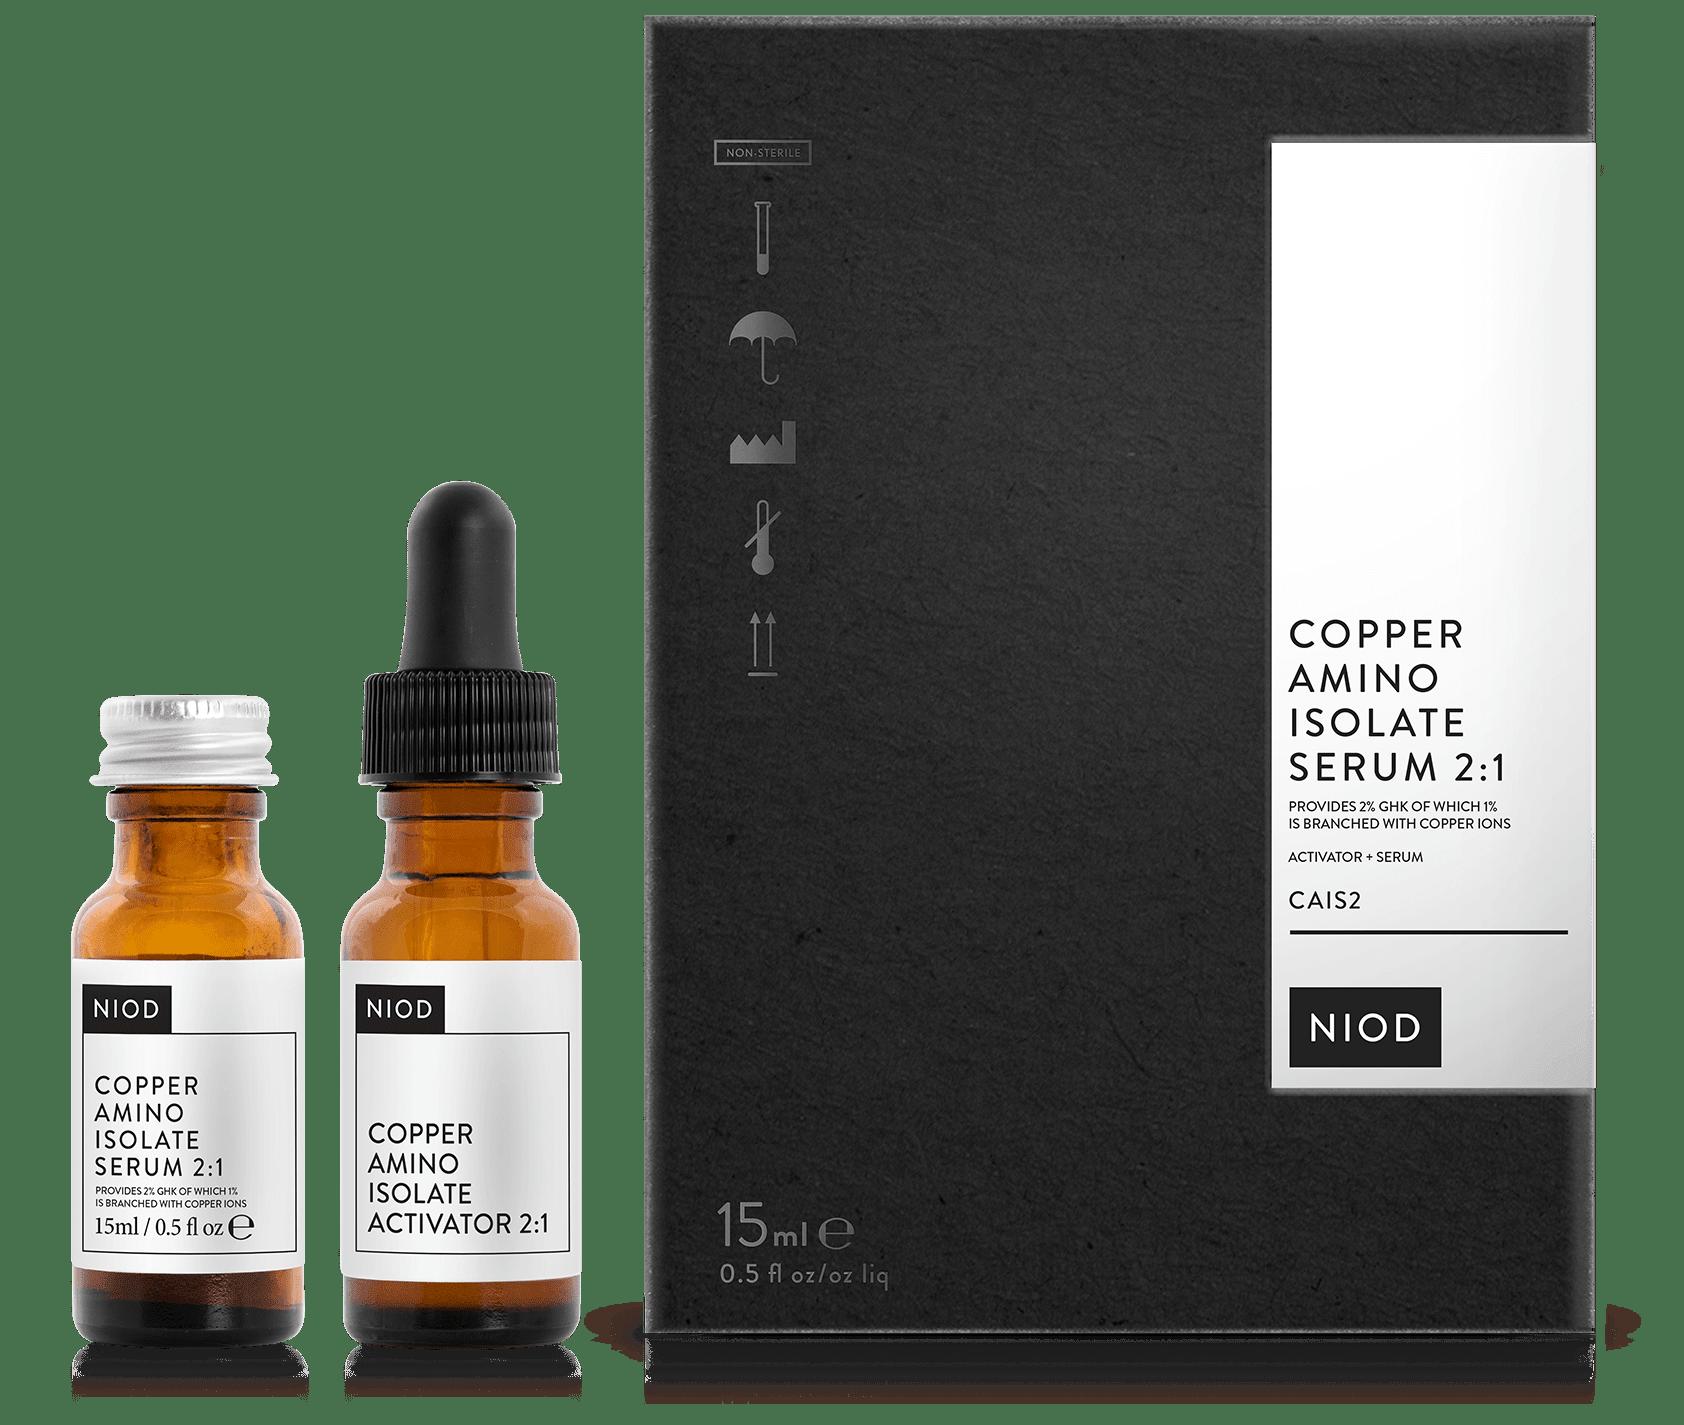 NIOD Serum